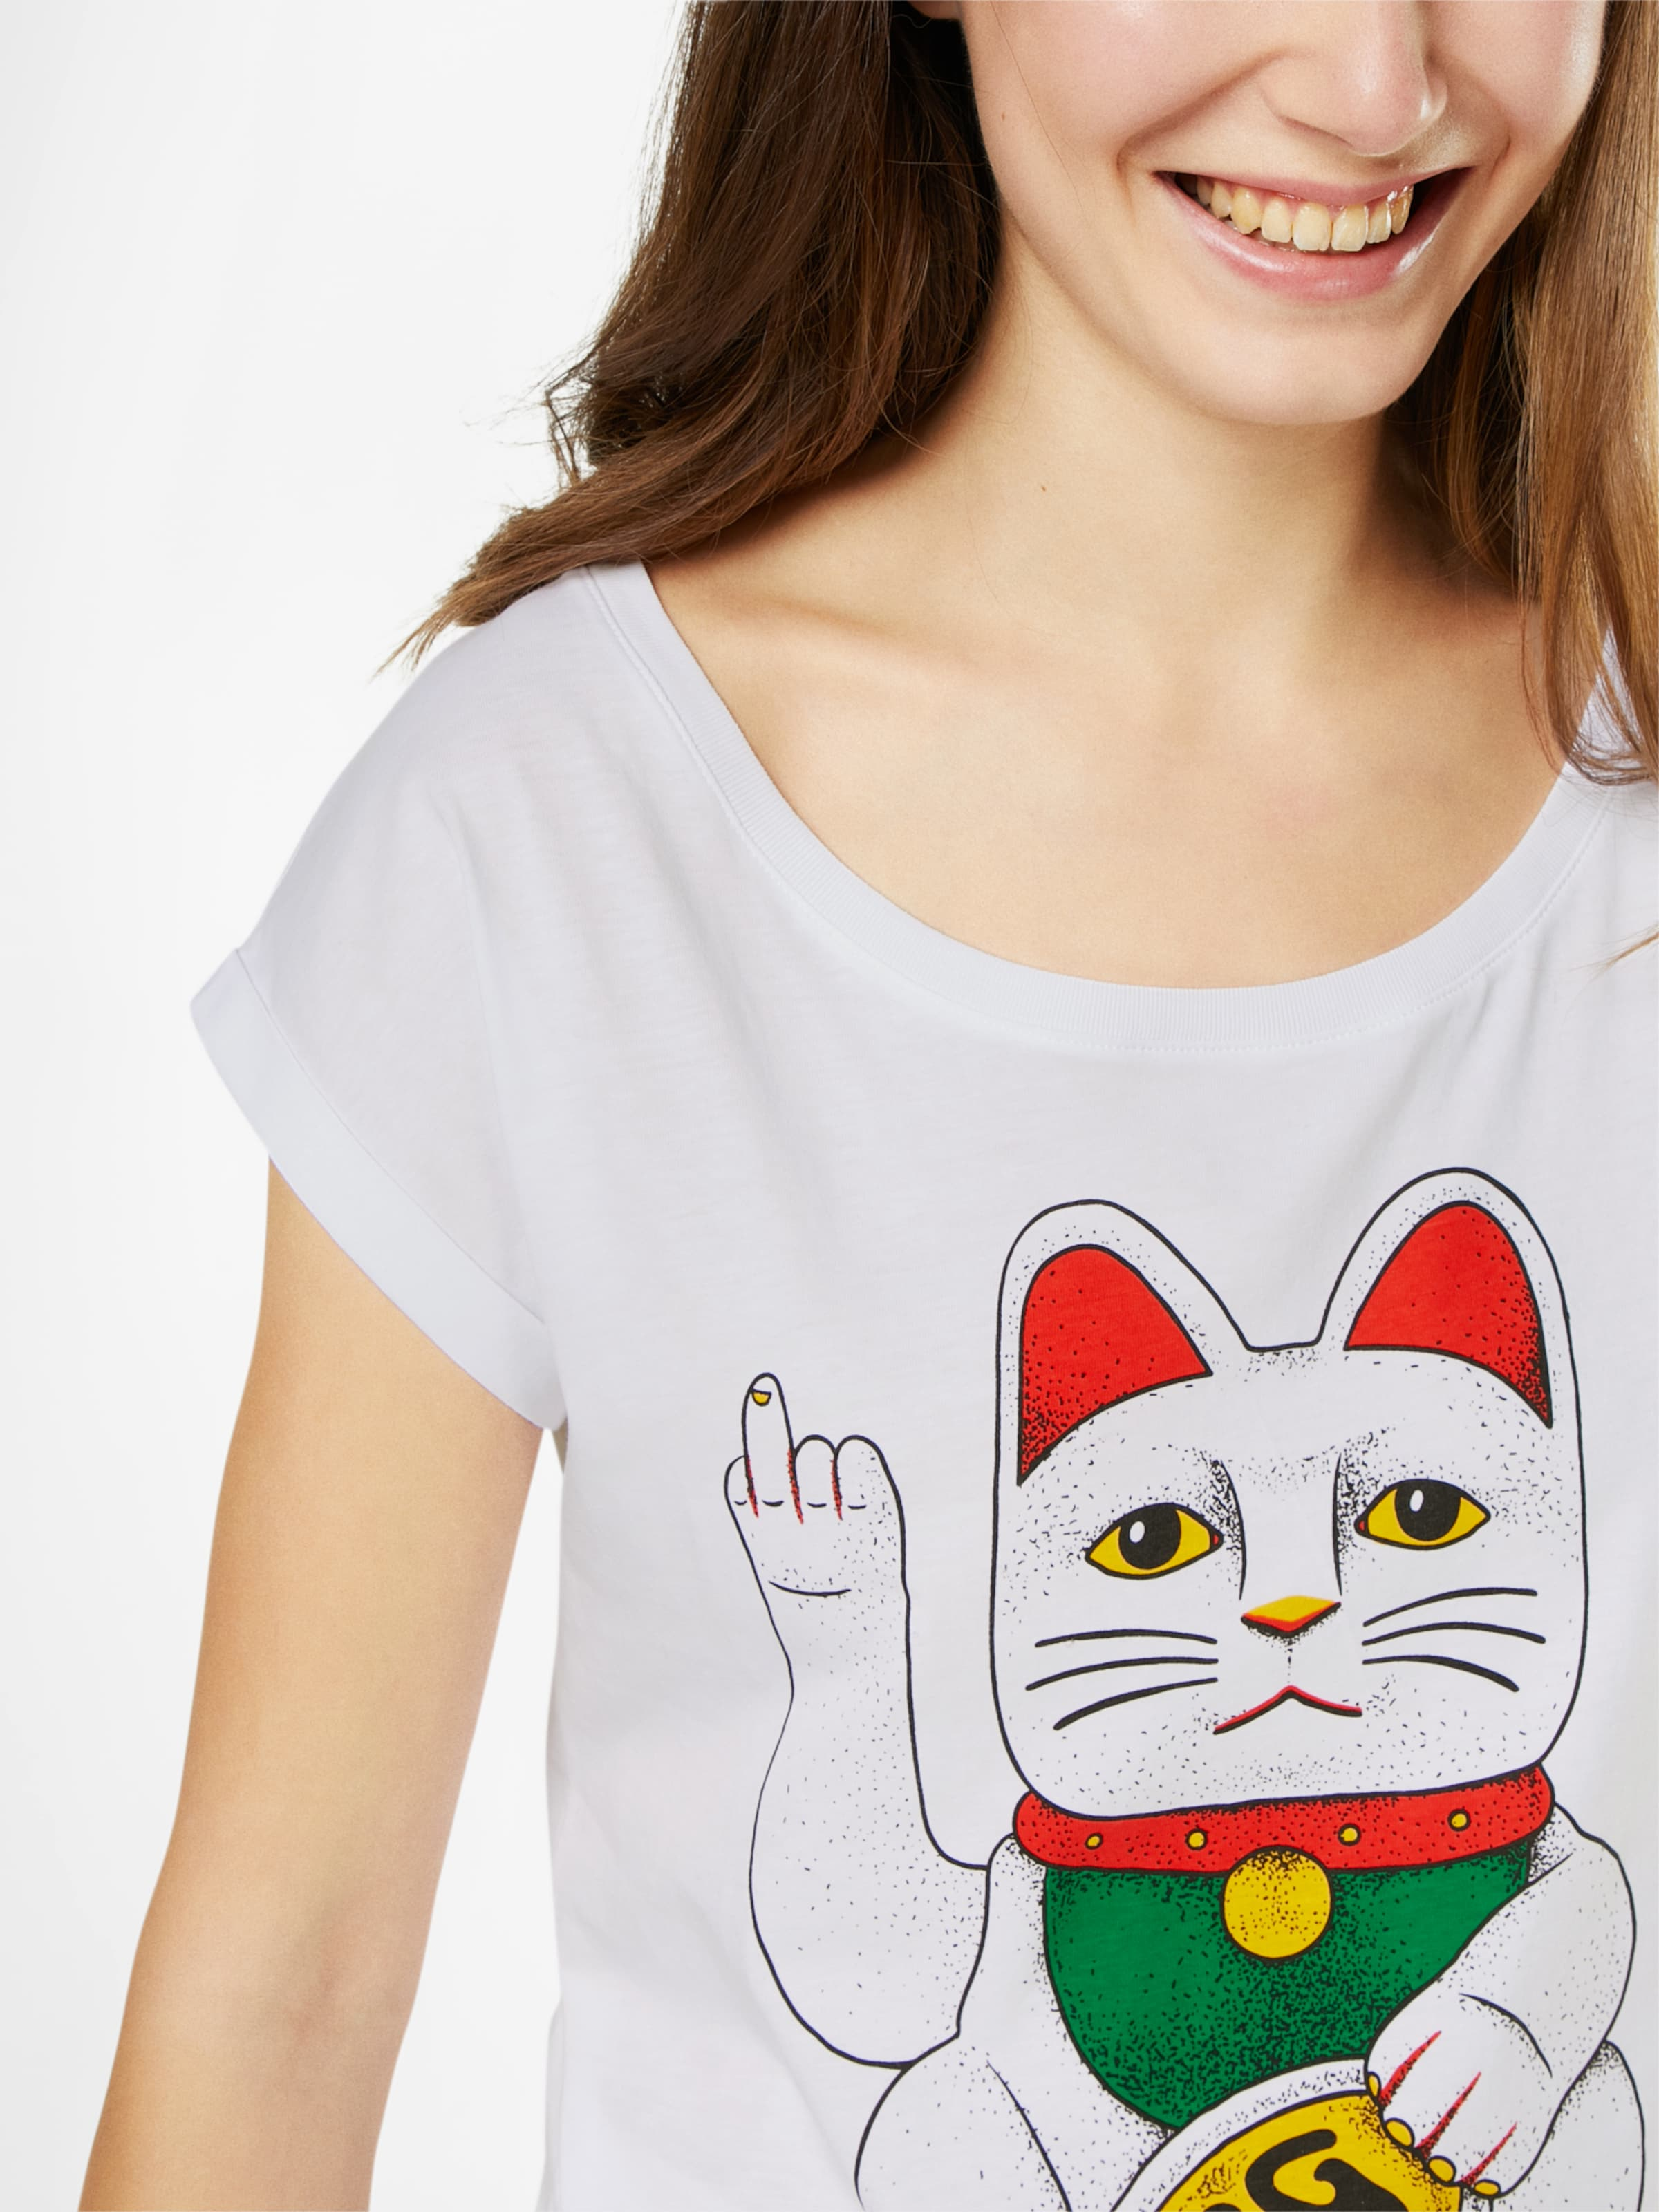 Rabatt Zahlung Mit Visa Eastbay Verkauf Online Iriedaily T-Shirt 'Big Kitty' Günstig Kaufen Angebot Sammlungen dXV8GX4JET